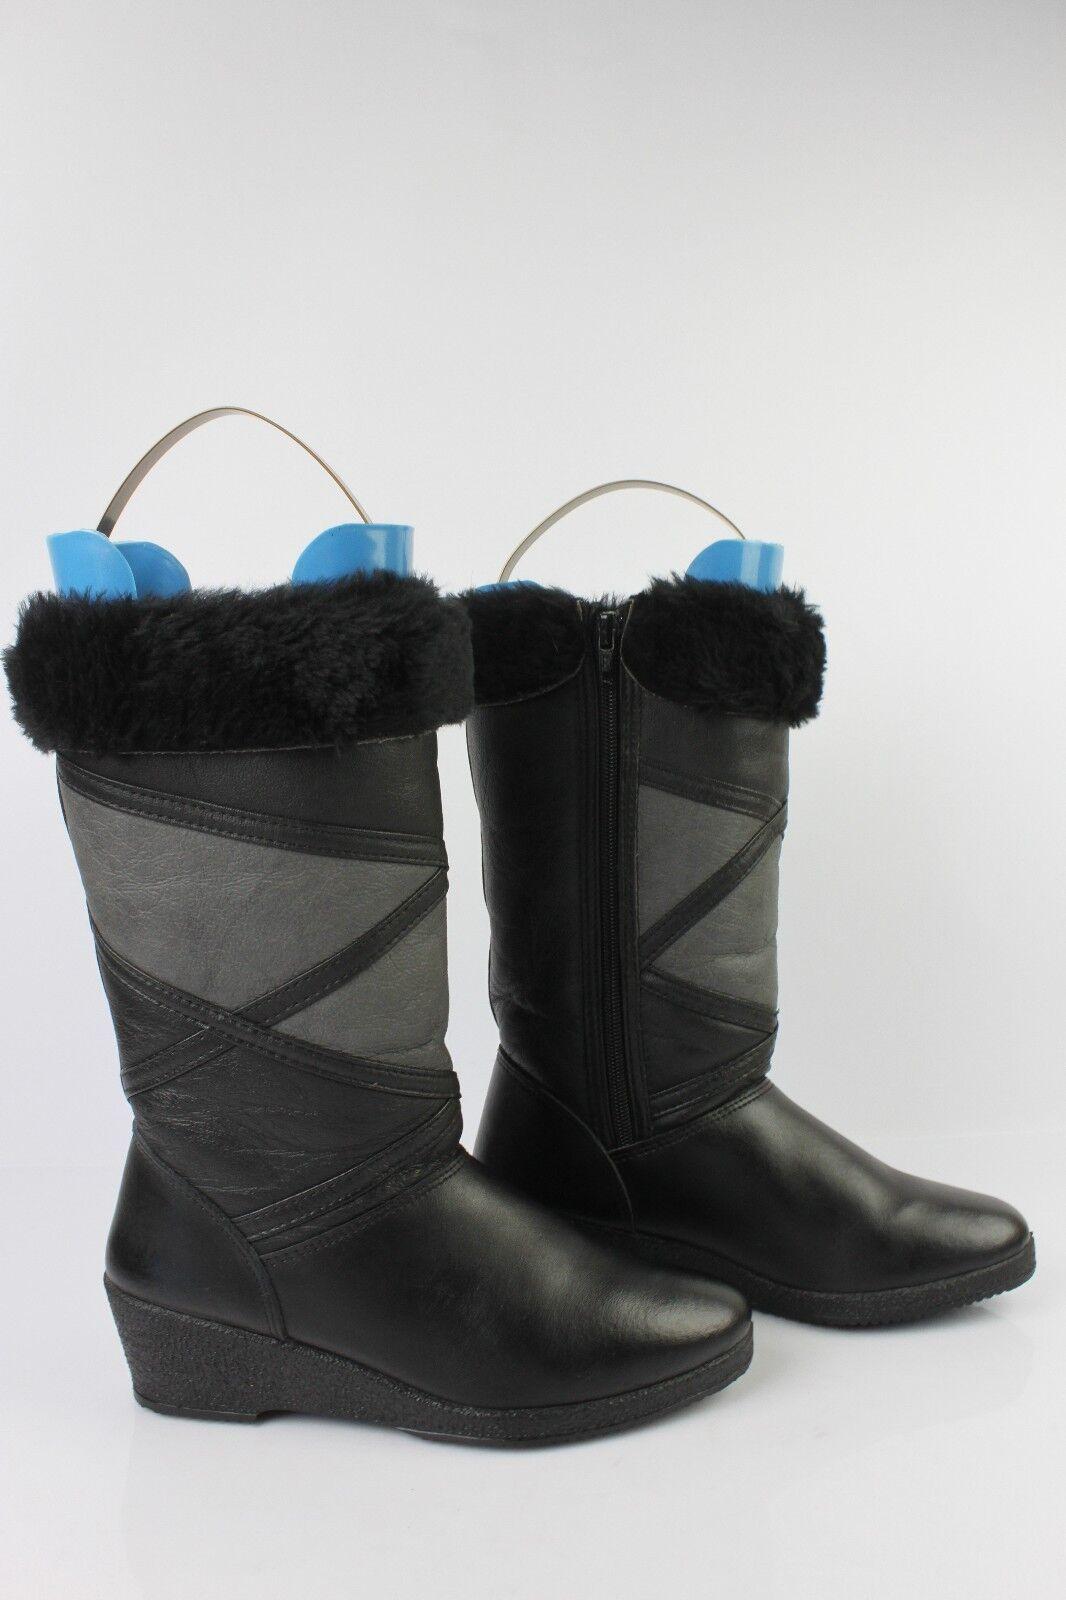 Gefütterte Stiefel Keilabsätze Leder Schwarz und Grau T 37 Seht Guter Zustand